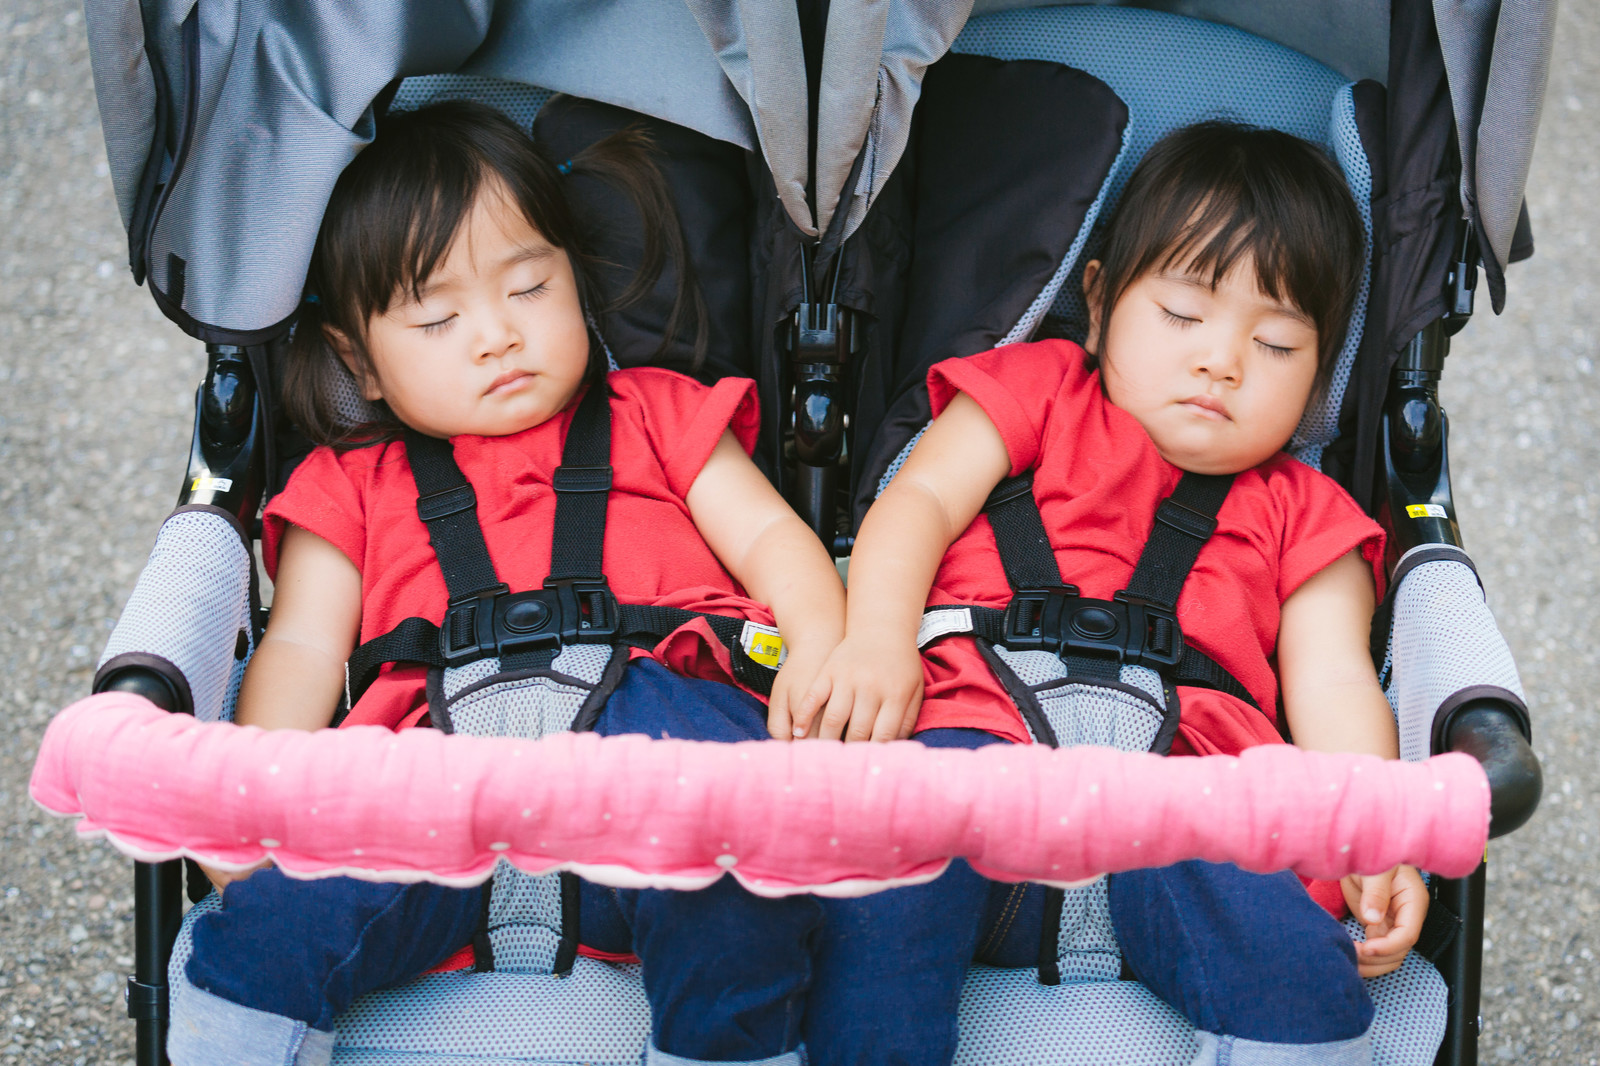 「二人乗りベビーカーで爆睡中の双子姉妹」の写真[モデル:あおみどり]